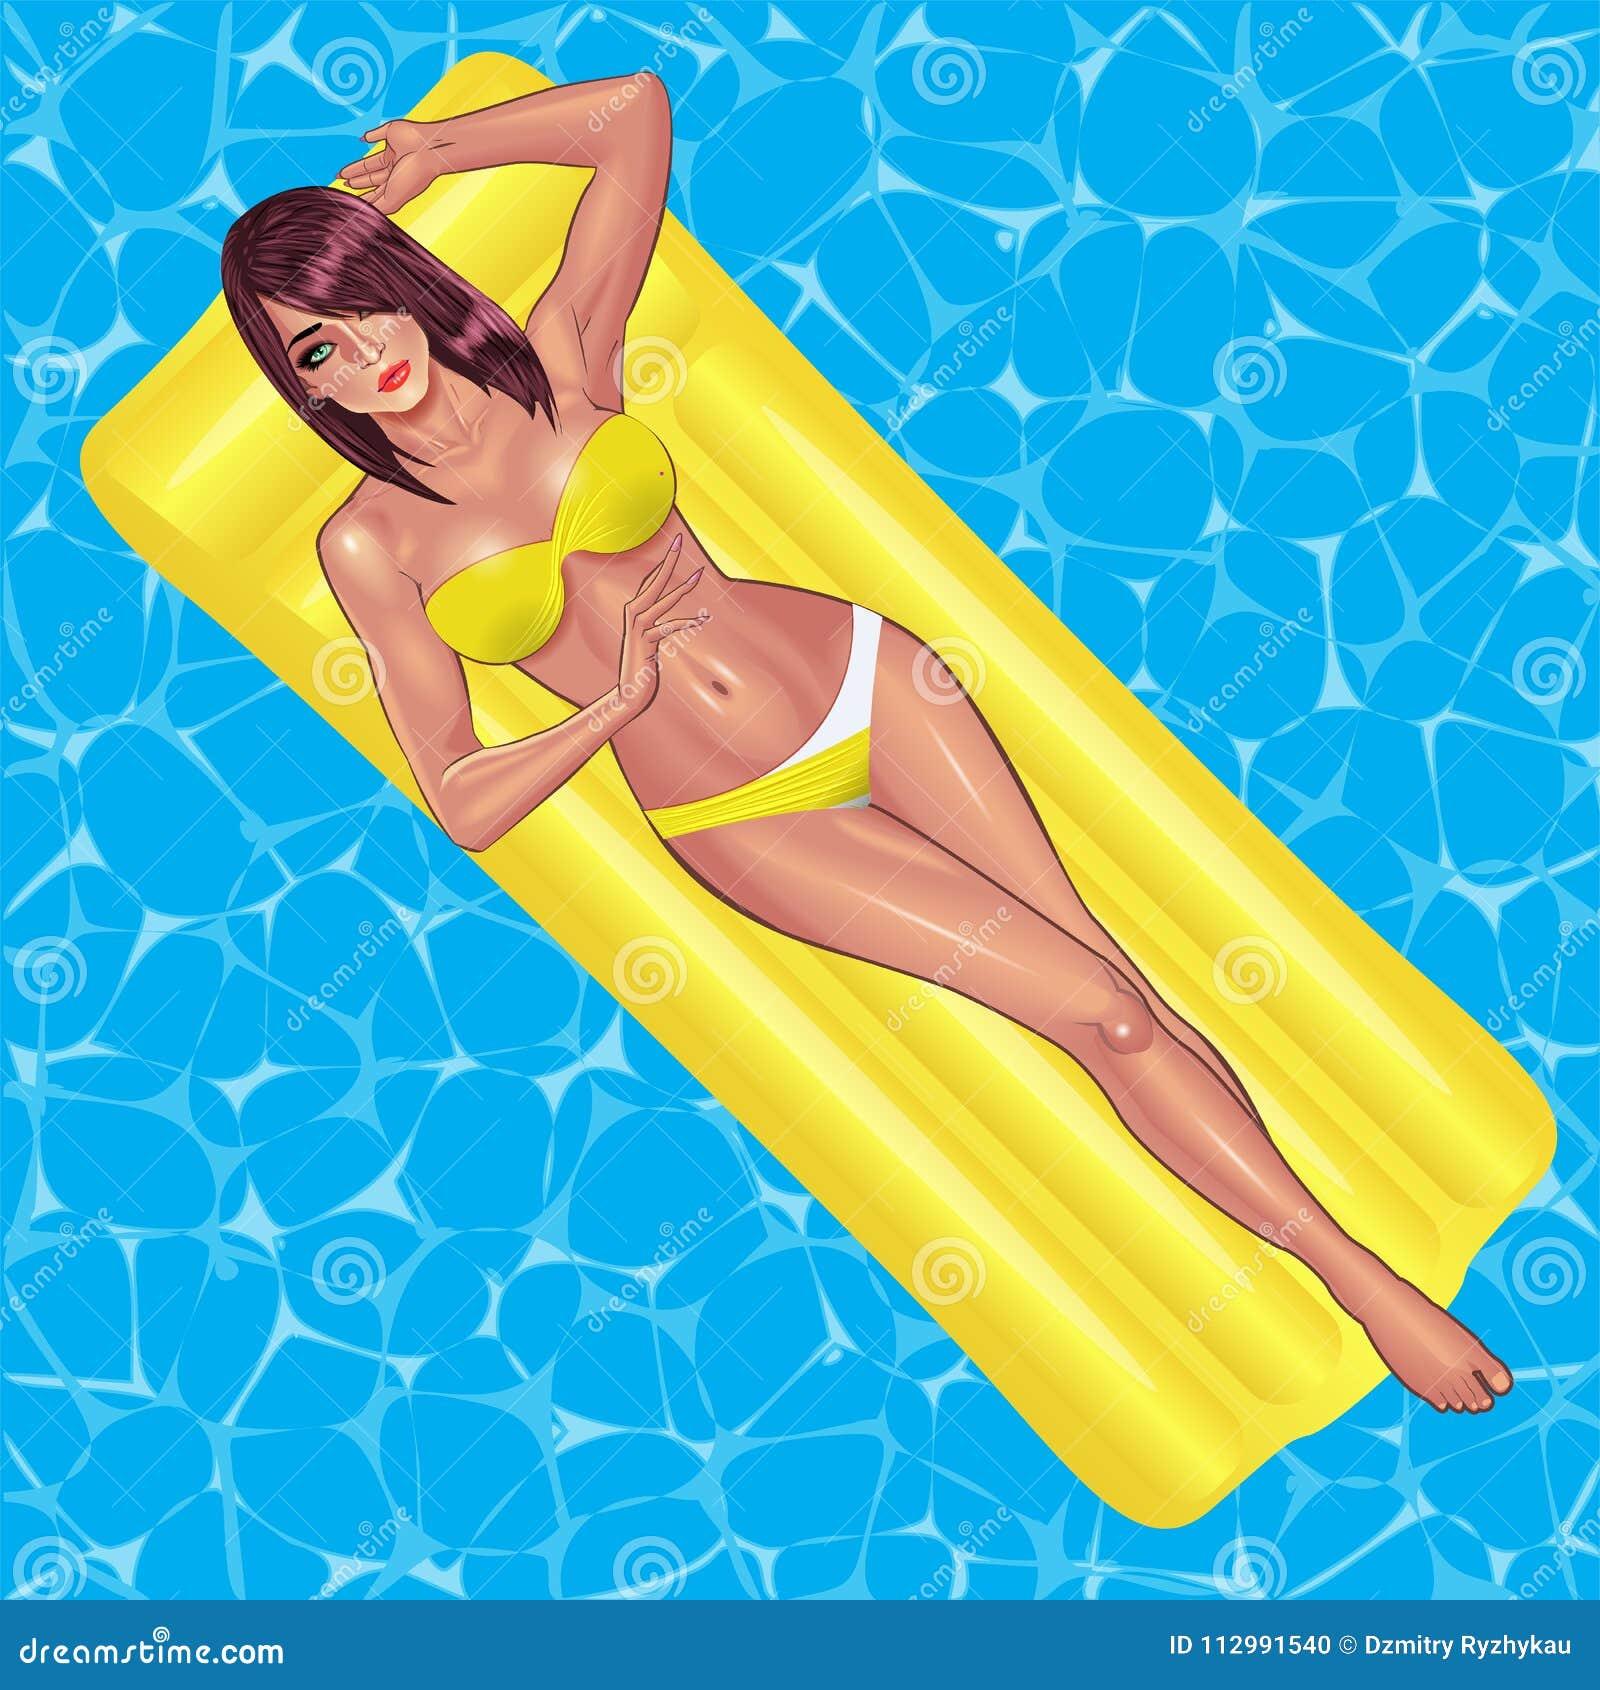 Beautiful young women in yellow bikini